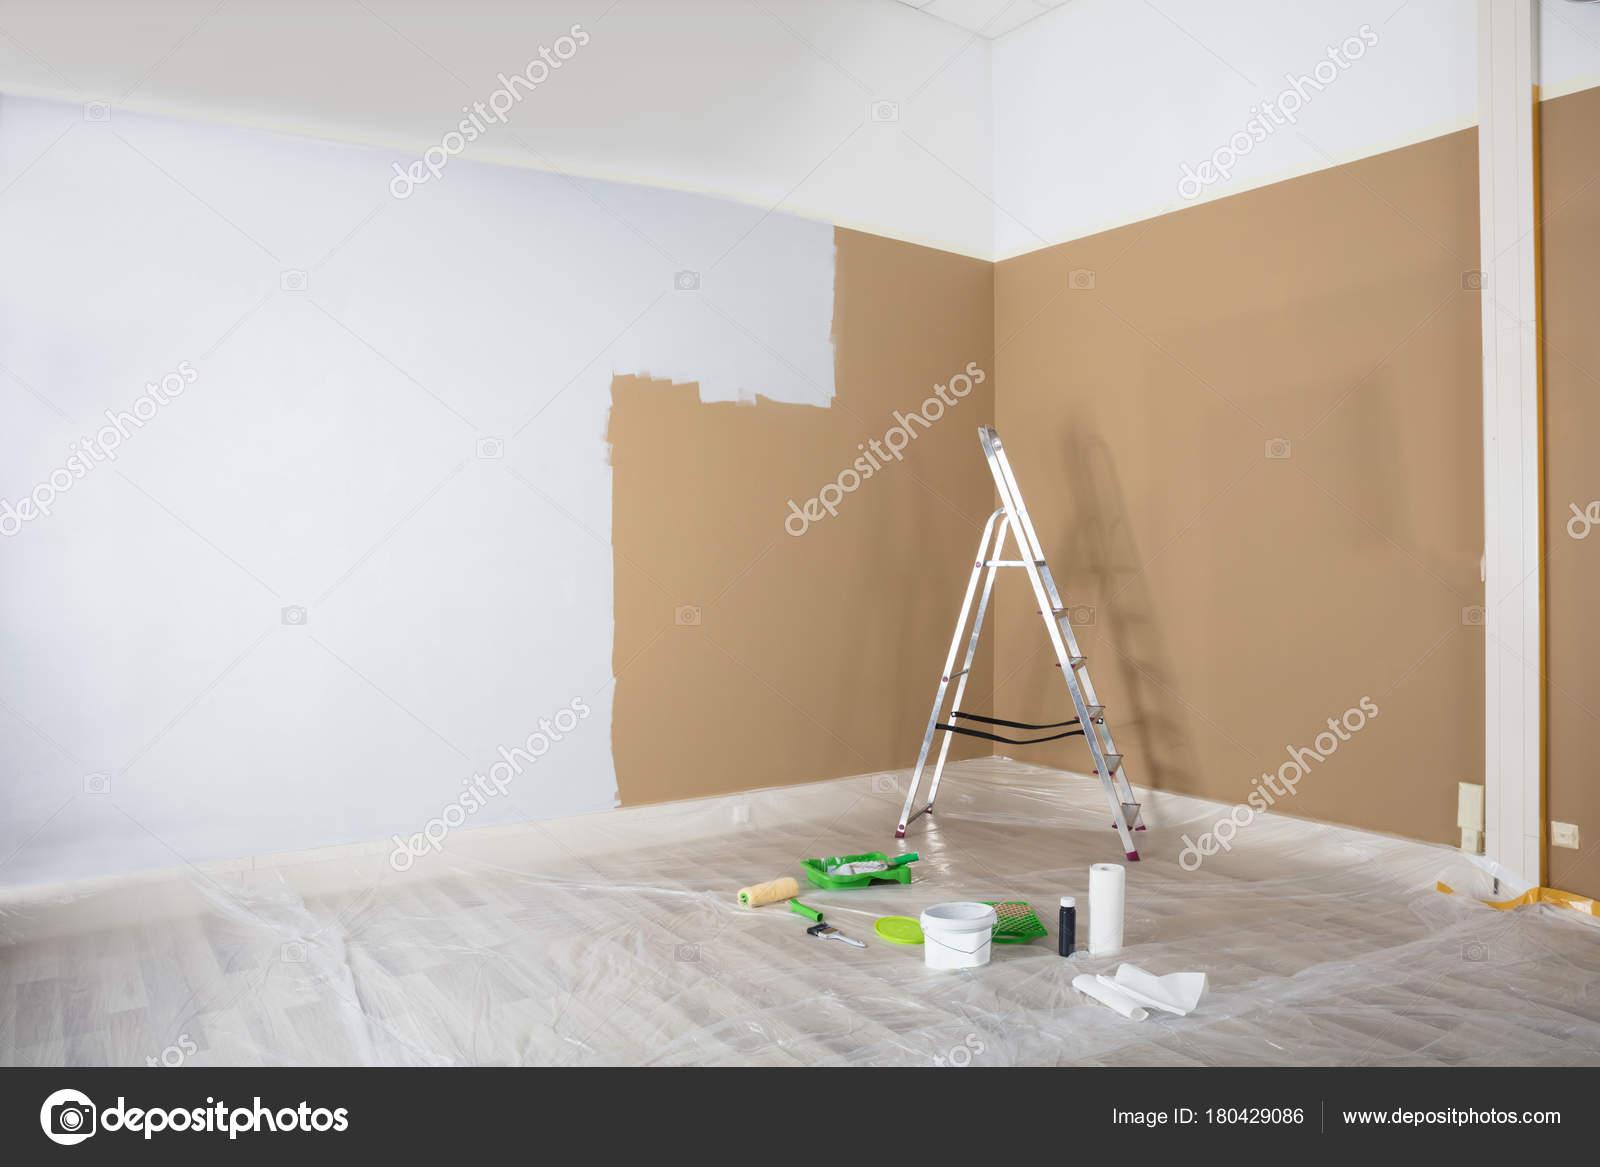 La Moitié Peint Un Mur Blanc Avec échelle Et Les équipements De Peinture à  La Maisonu2013 Images De Stock Libres De Droits